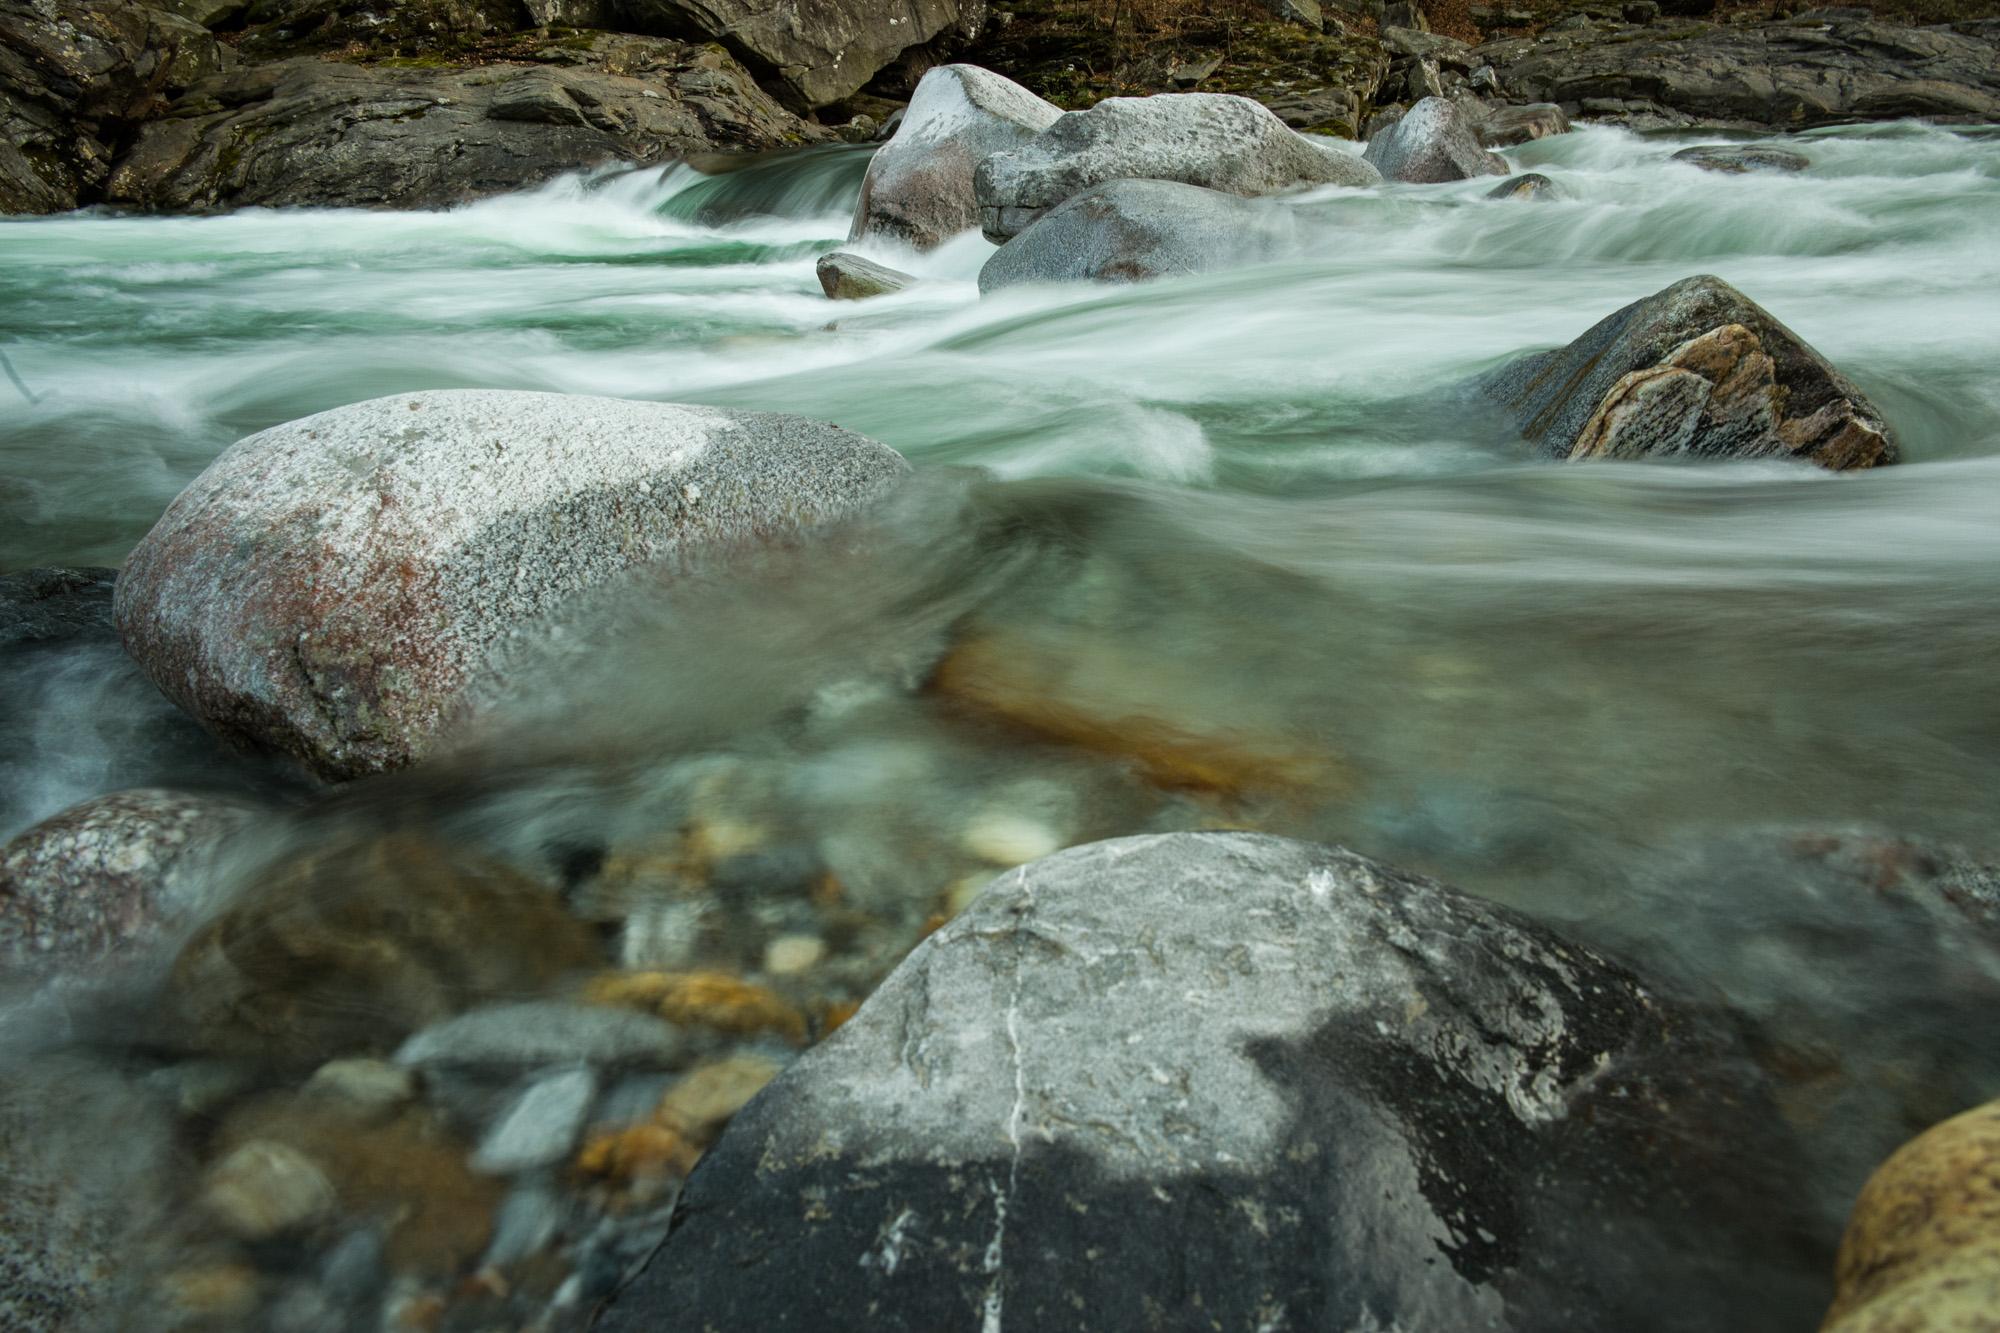 Swift, clear Verzasca River water